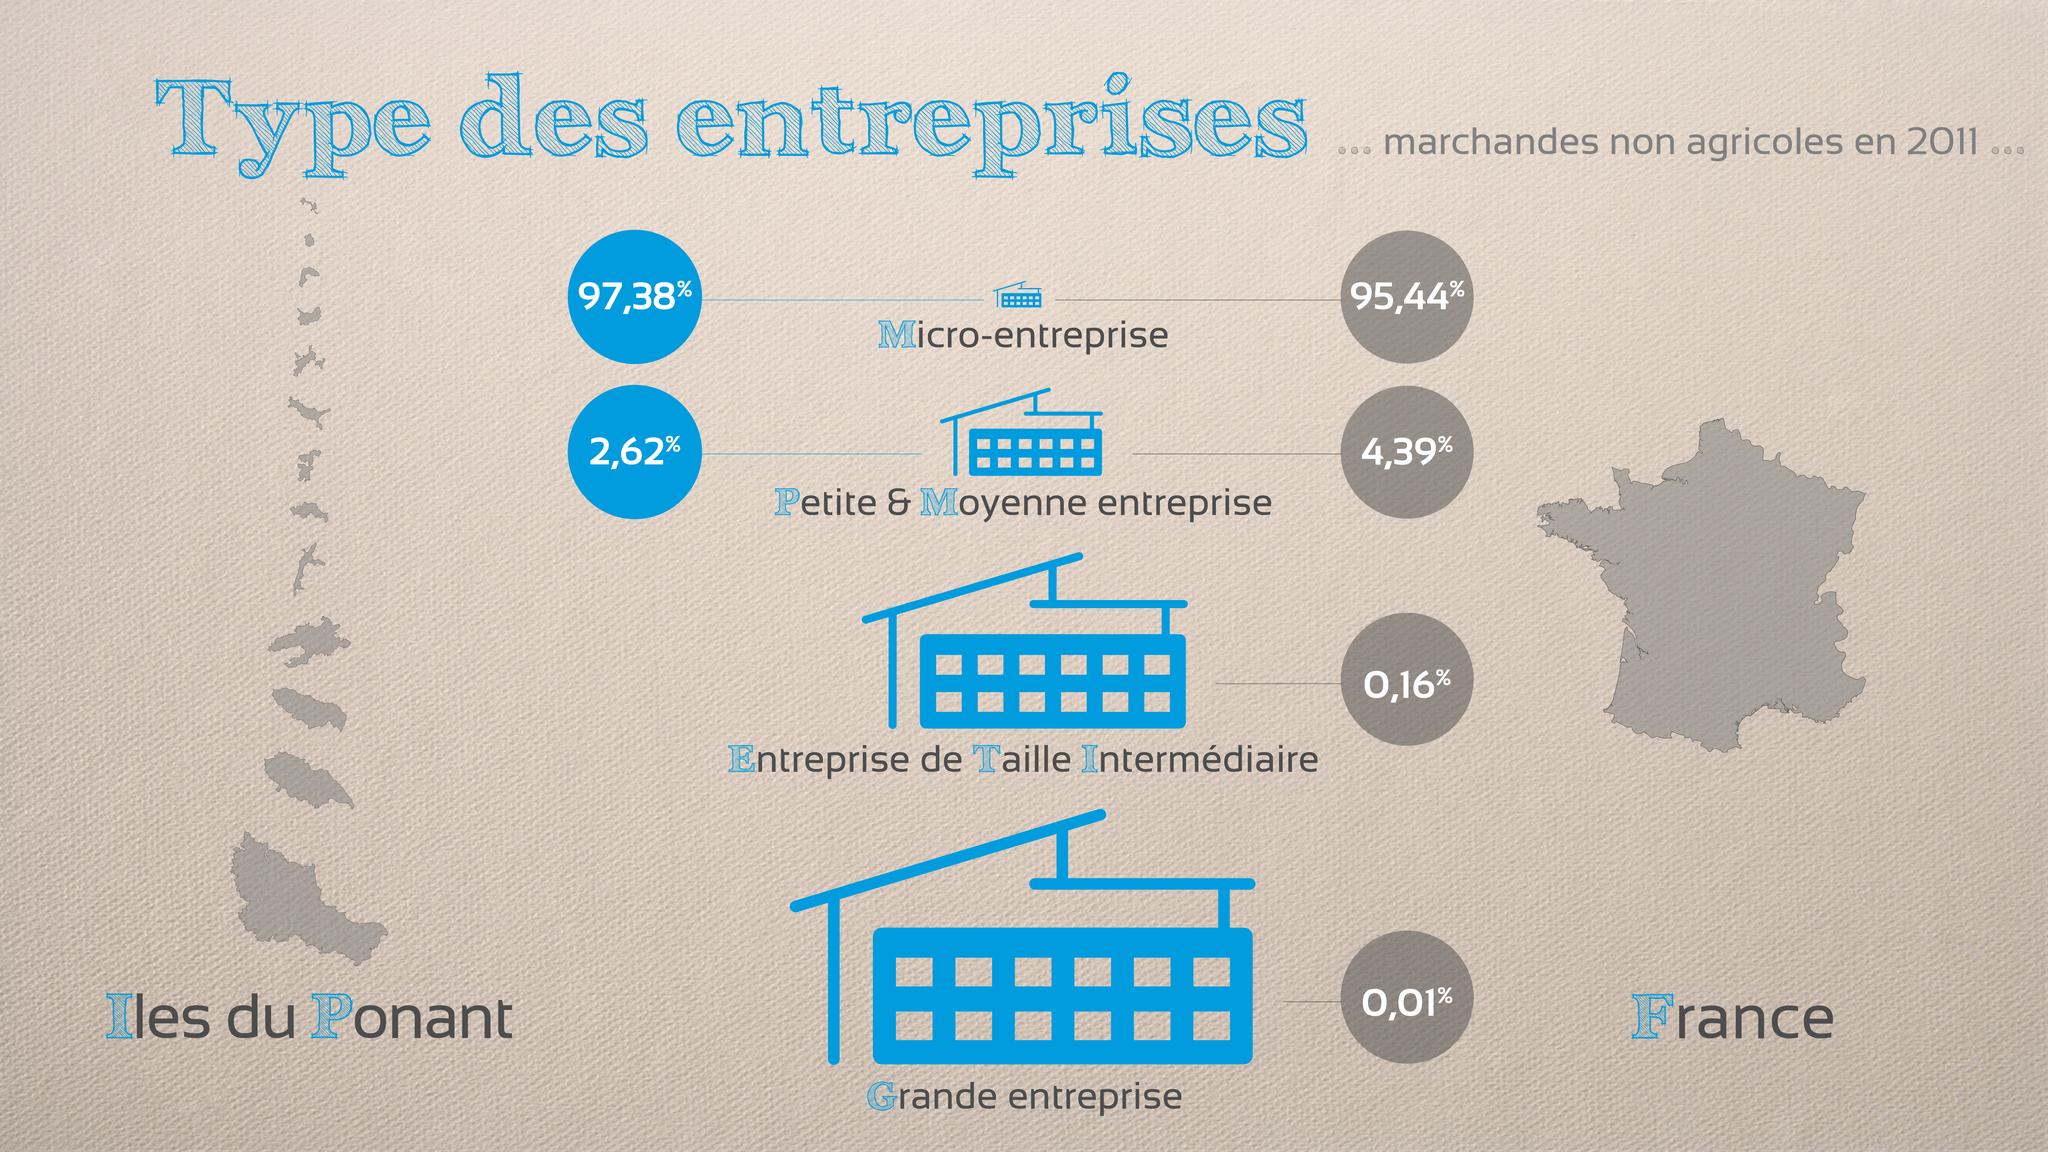 Les entreprises des îles du Ponant sont à près de 98% des micro-entreprises, de moins de 9 salariés.